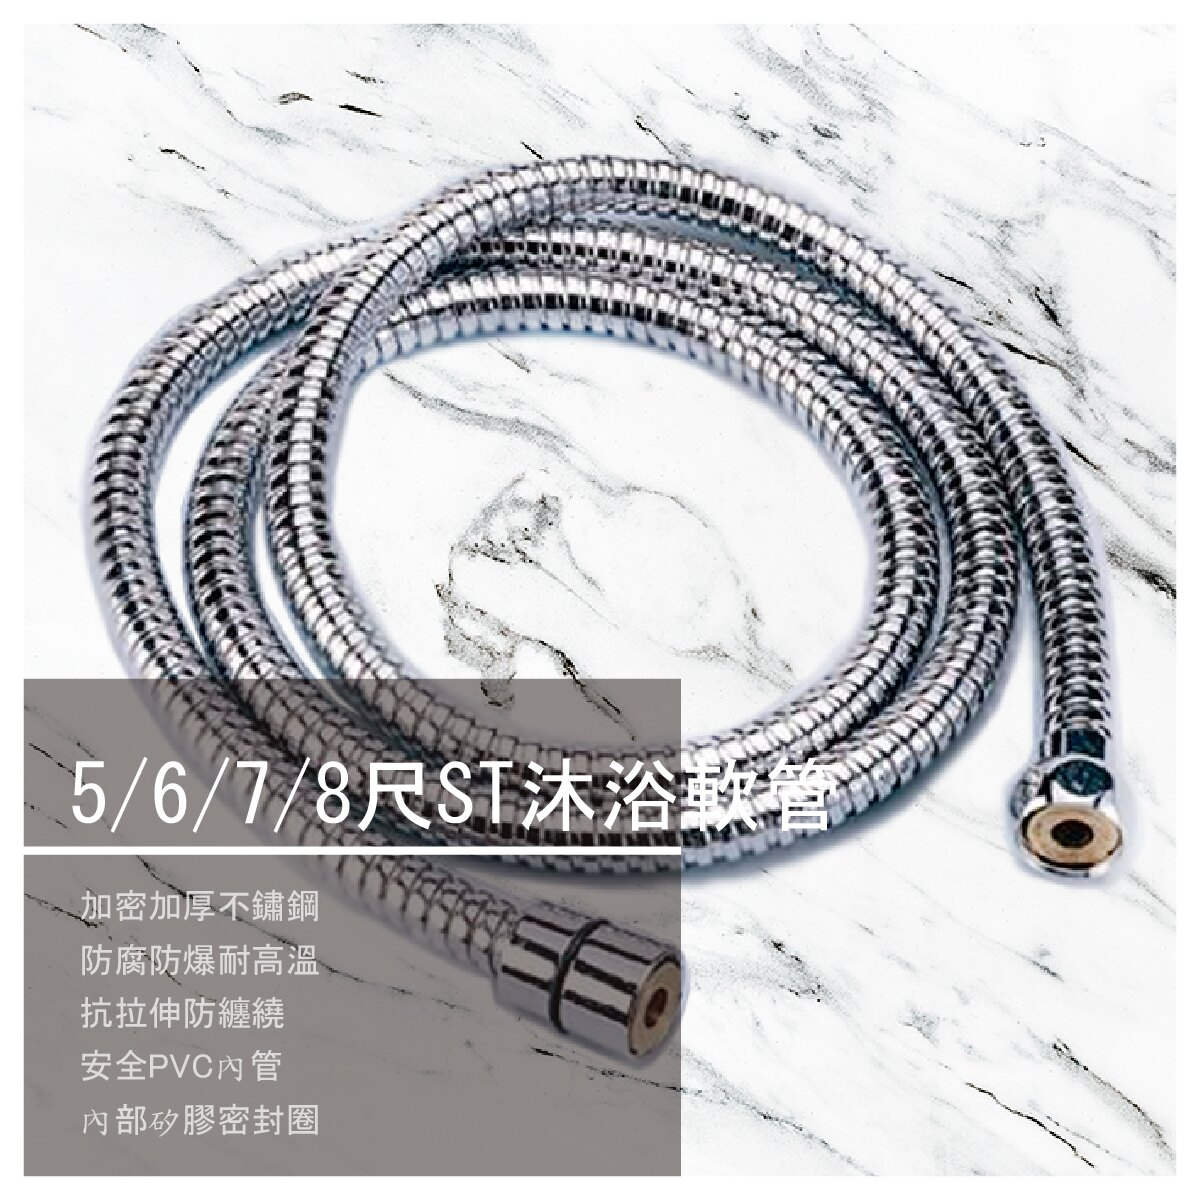 【明耀衛浴廚具精品】5、6、7、8尺ST沐浴軟管 專利不打結